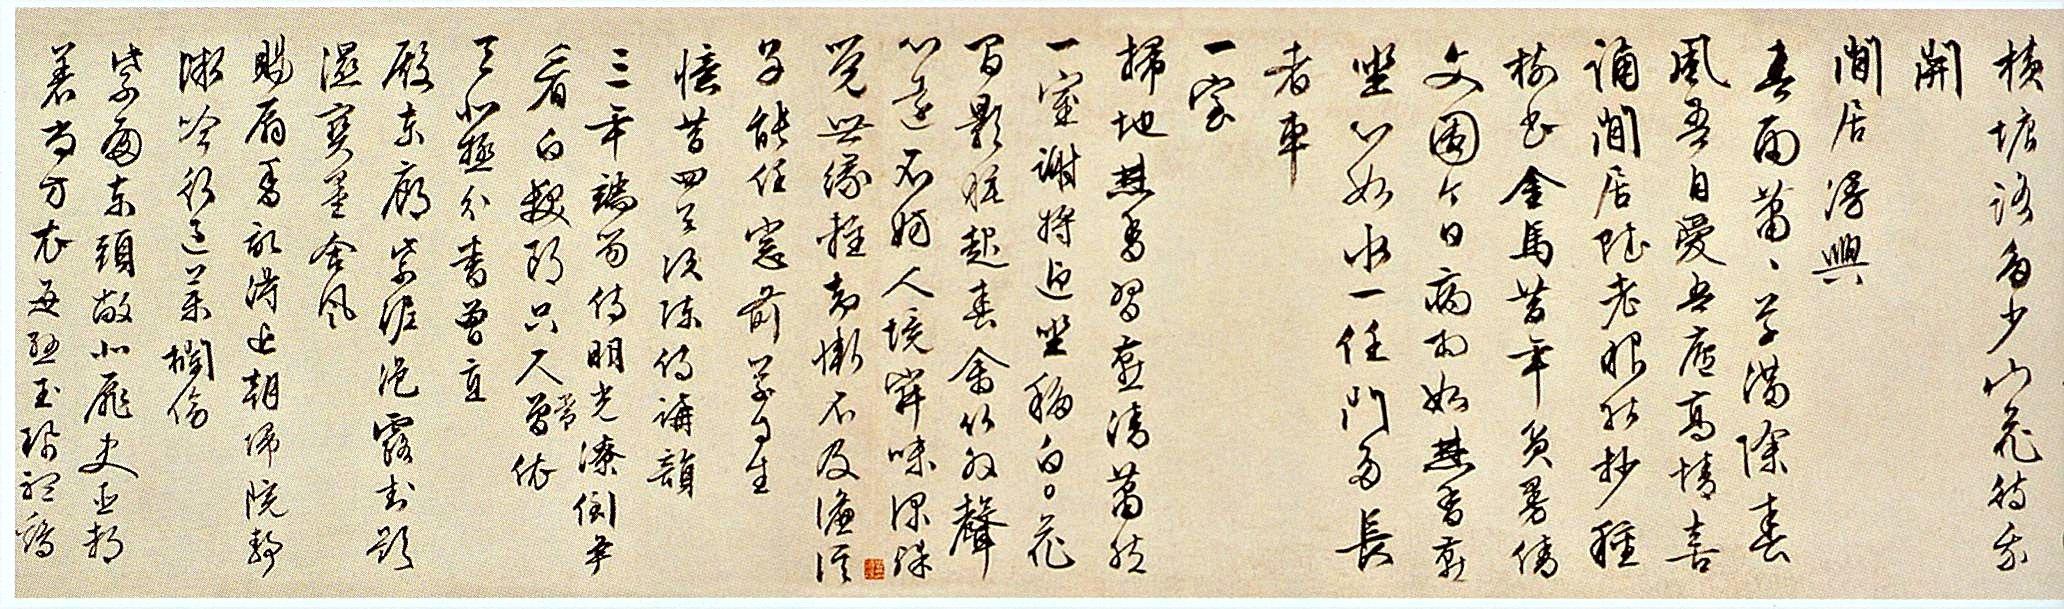 文徵明自作诗行书卷 - 香儿 - xianger